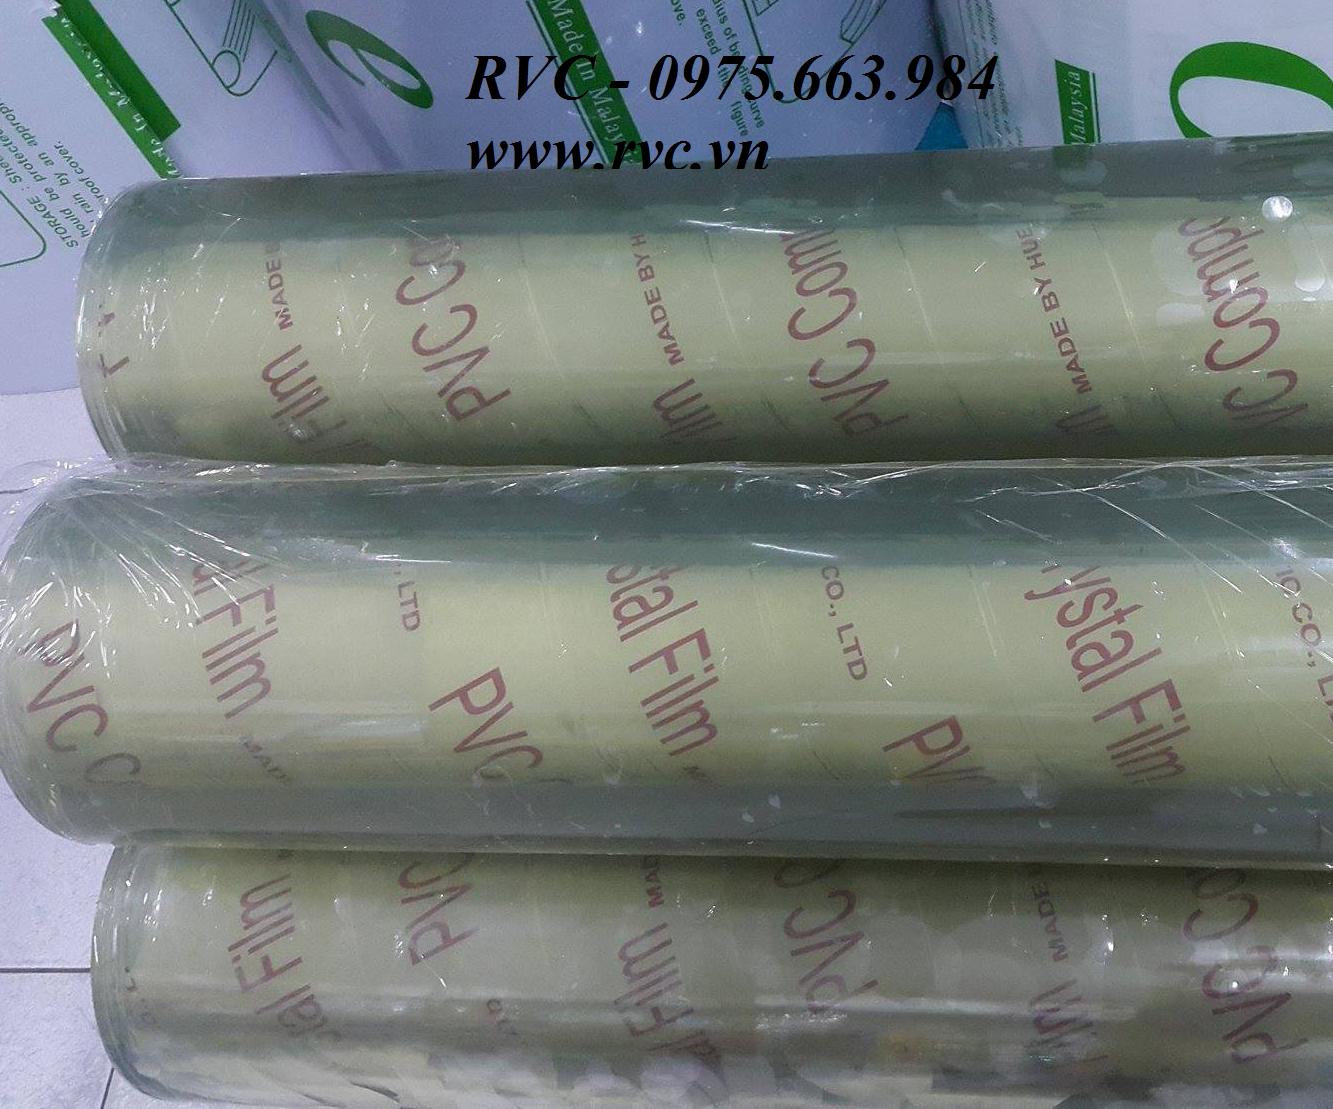 Ứng Dụng Của Cuộn Màng nhựa PVC Dẻo